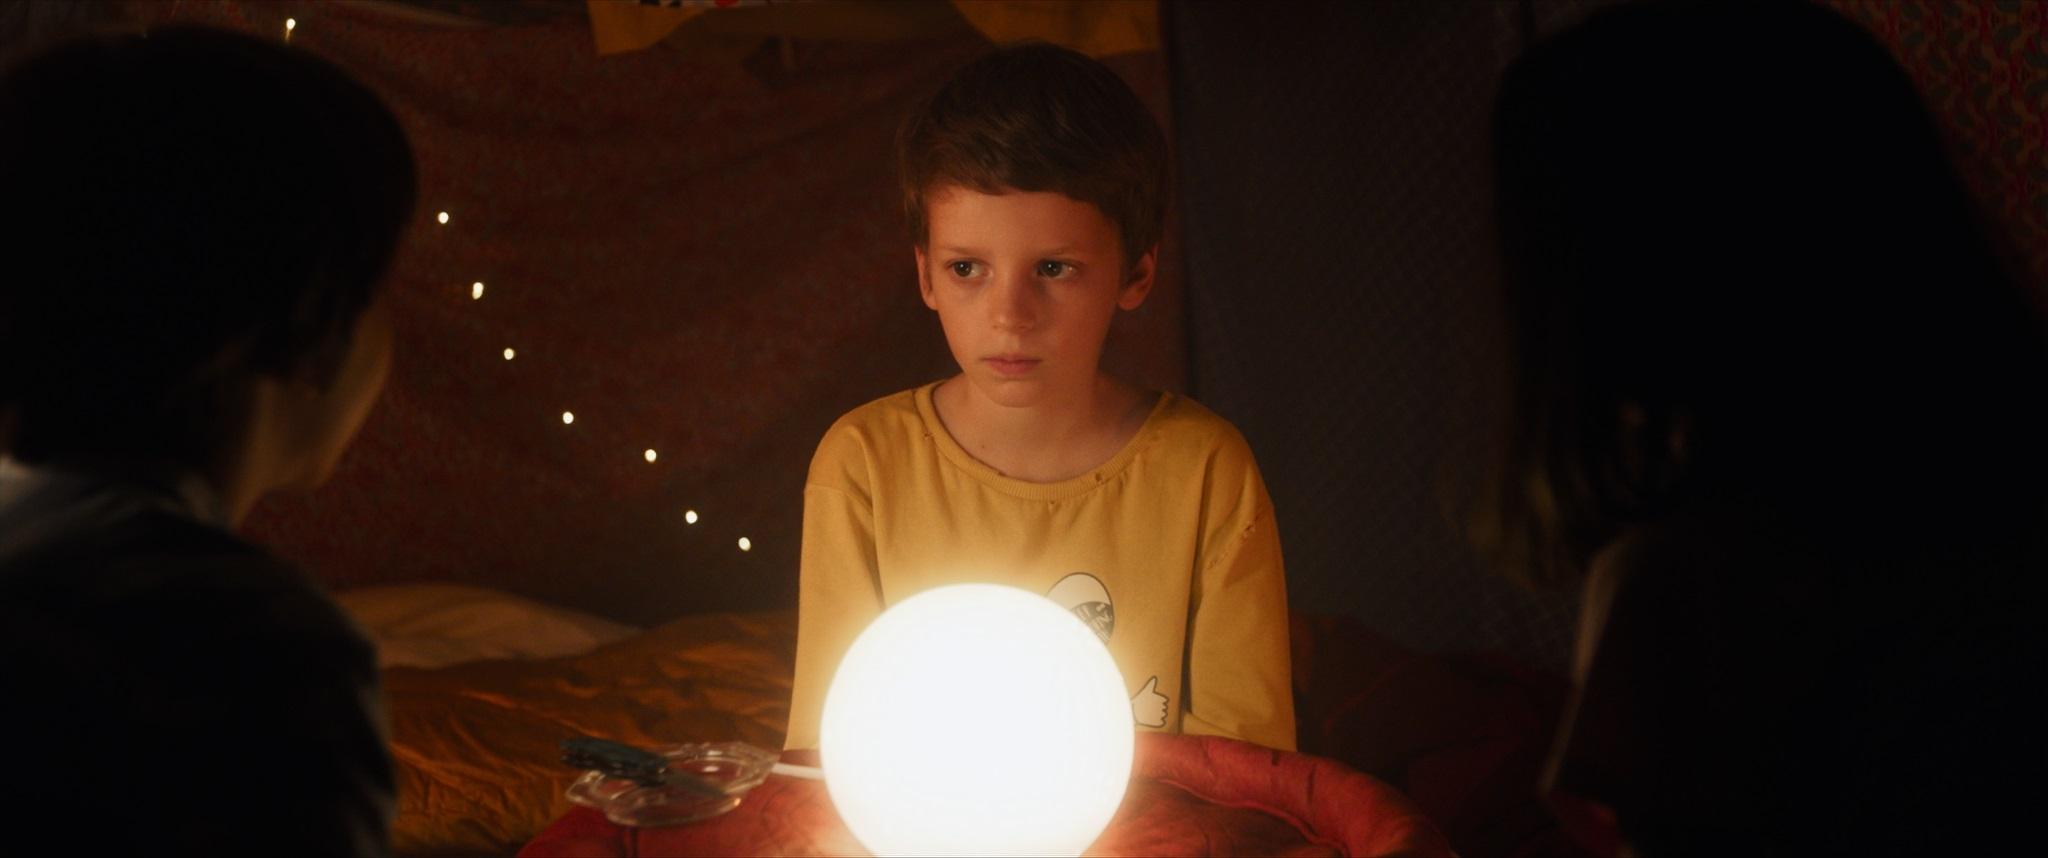 24 Tour de Cine Francés: La última vida de Simón